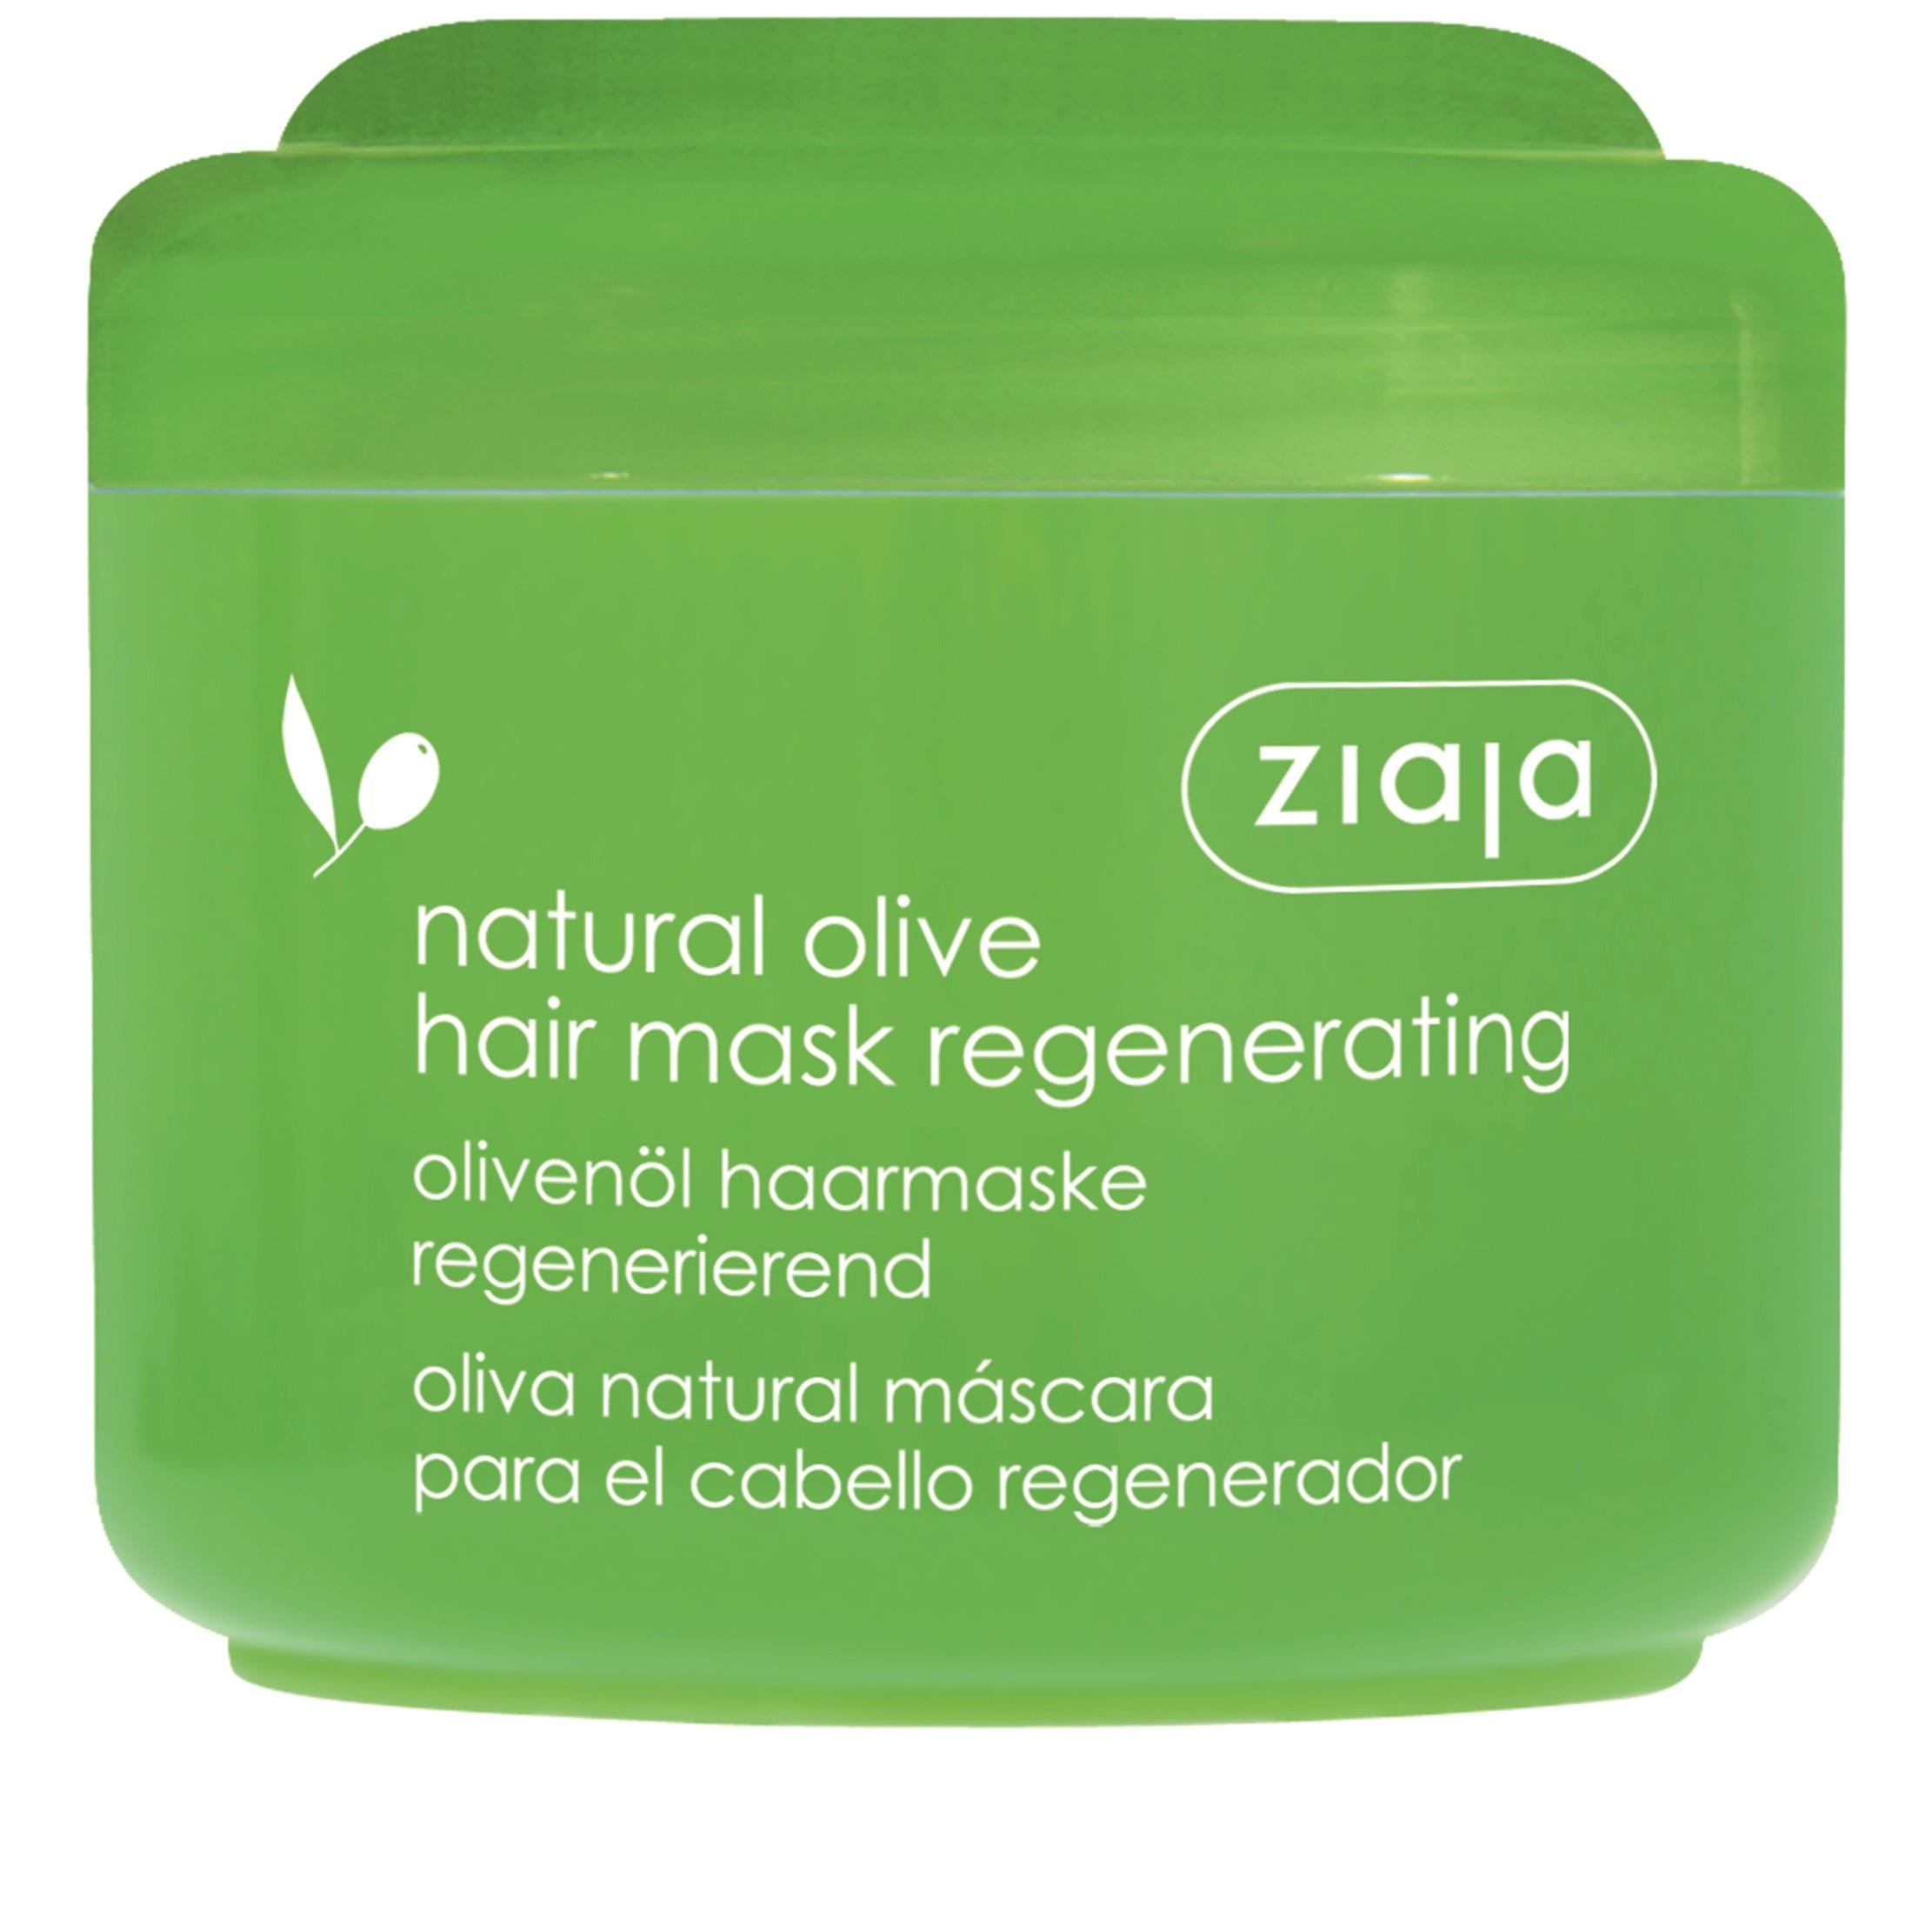 ЖАЯ Маска за коса с маслина 200мл | ZIAJA Natural olive hair mask 200ml